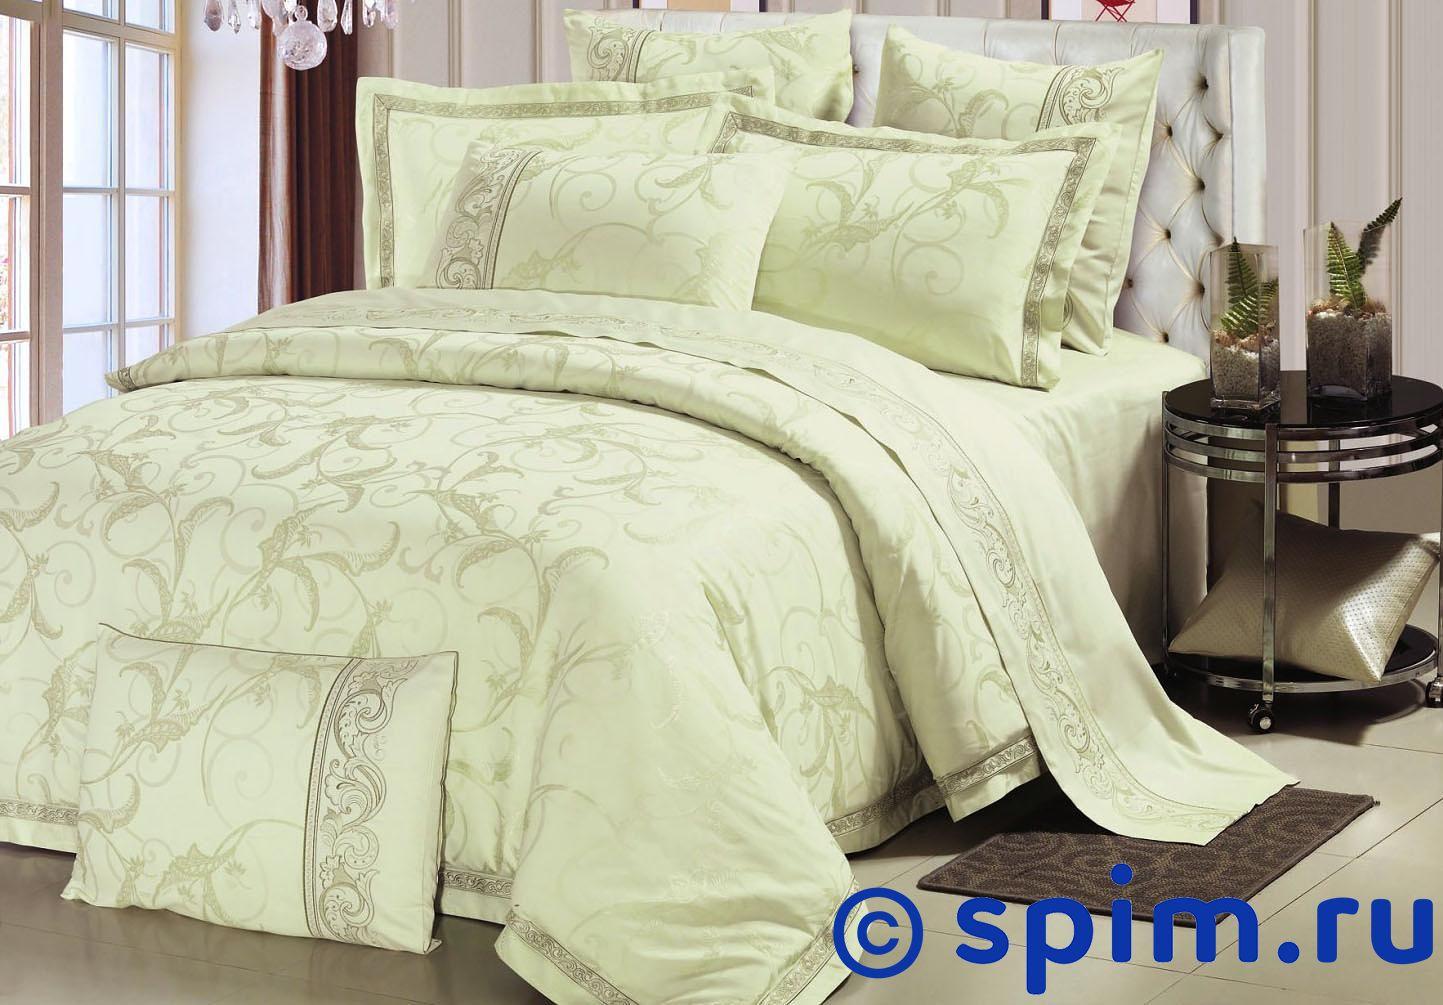 Комплект Asabella 614 СемейноеЖаккардовое постельное белье Asabella<br>Состав: жаккард с вискозой(хлопок 45%,вискоза 55%) + люкссатин (100% хлопок). Размер : Семейное<br><br>Размер: Семейное